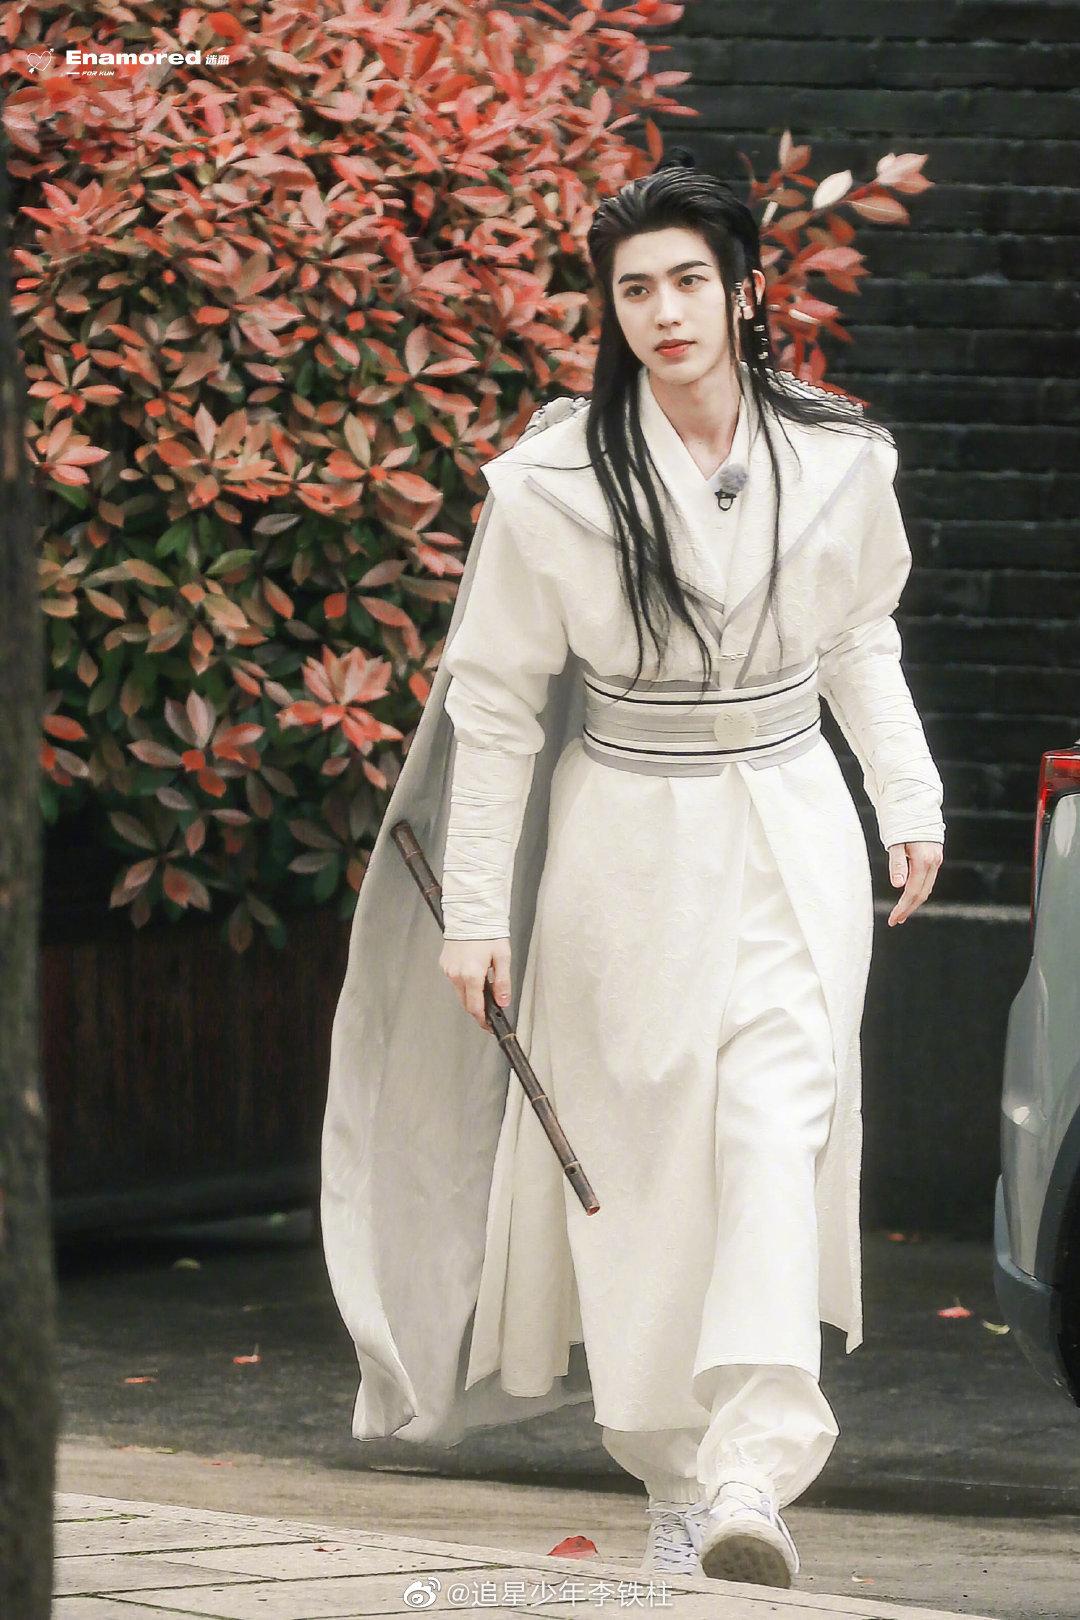 Hình ảnh Thái Từ Khôn xuất hiện trong trang phục bạch y công tử leo lên hot search vì giống hệt một cảnh phim cổ trang.